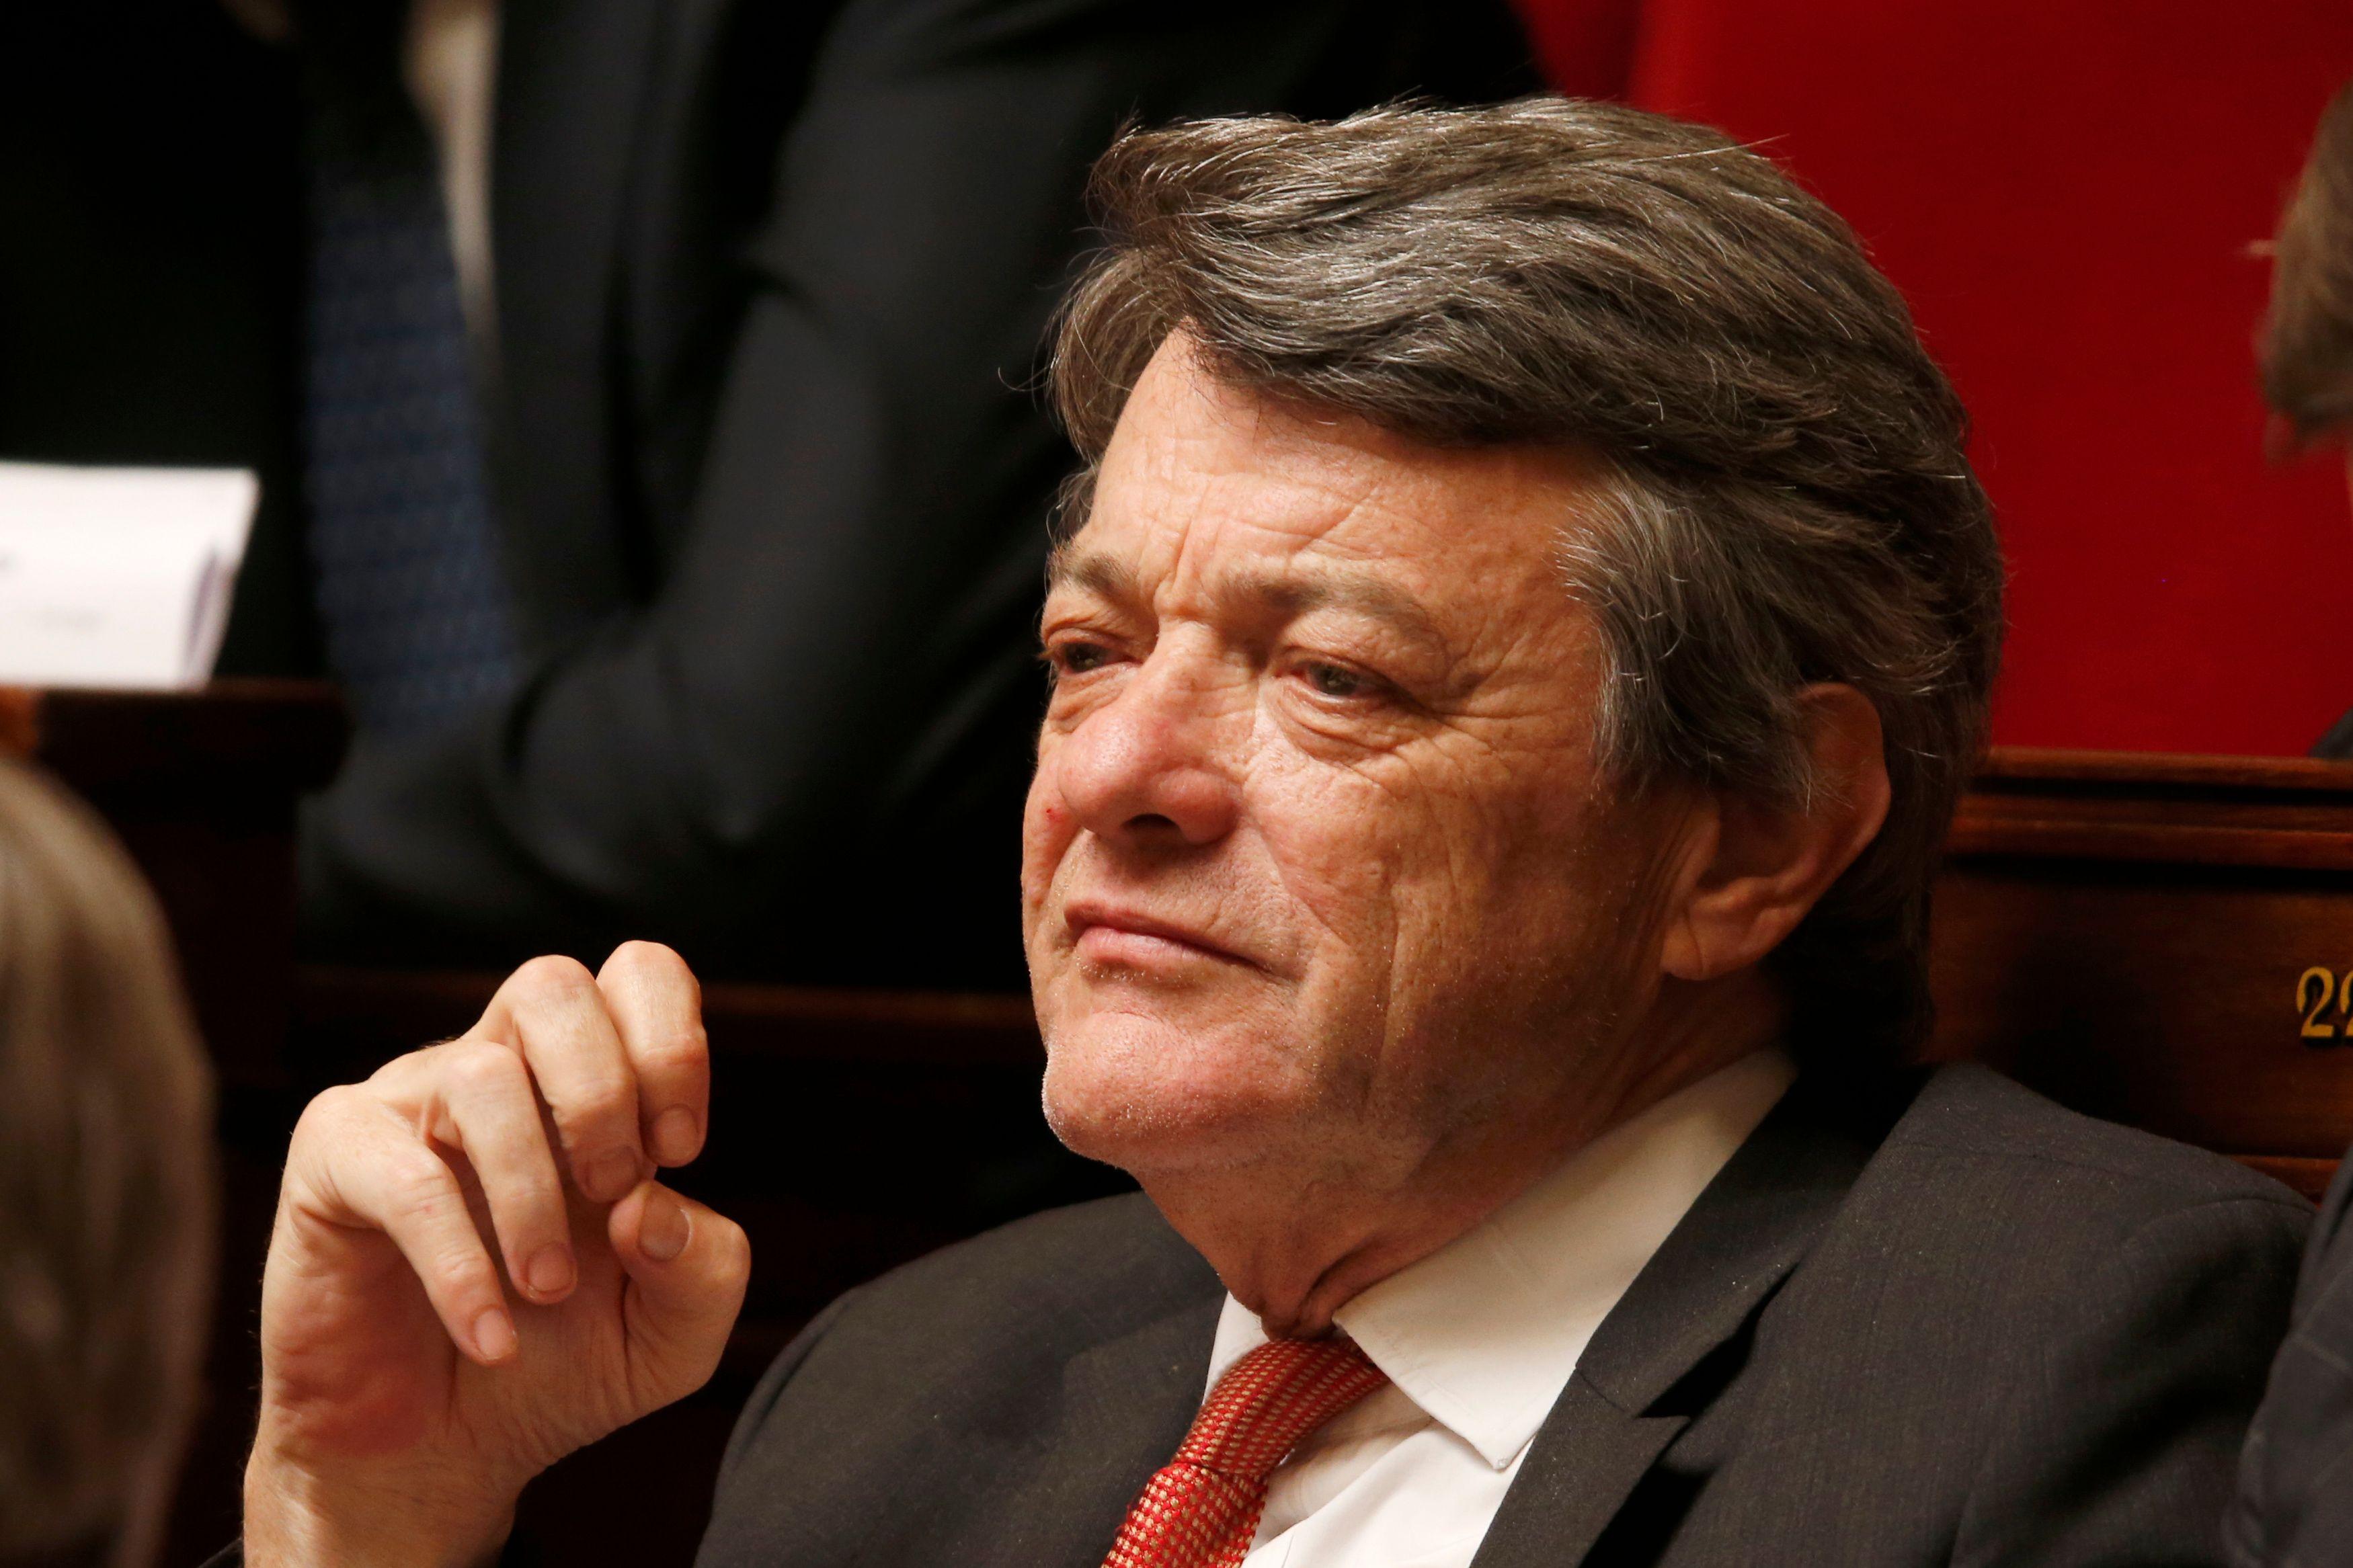 Les centristes de l'UDI de Jean-Louis Borloo se réunissent tout le week-end à Poitiers.